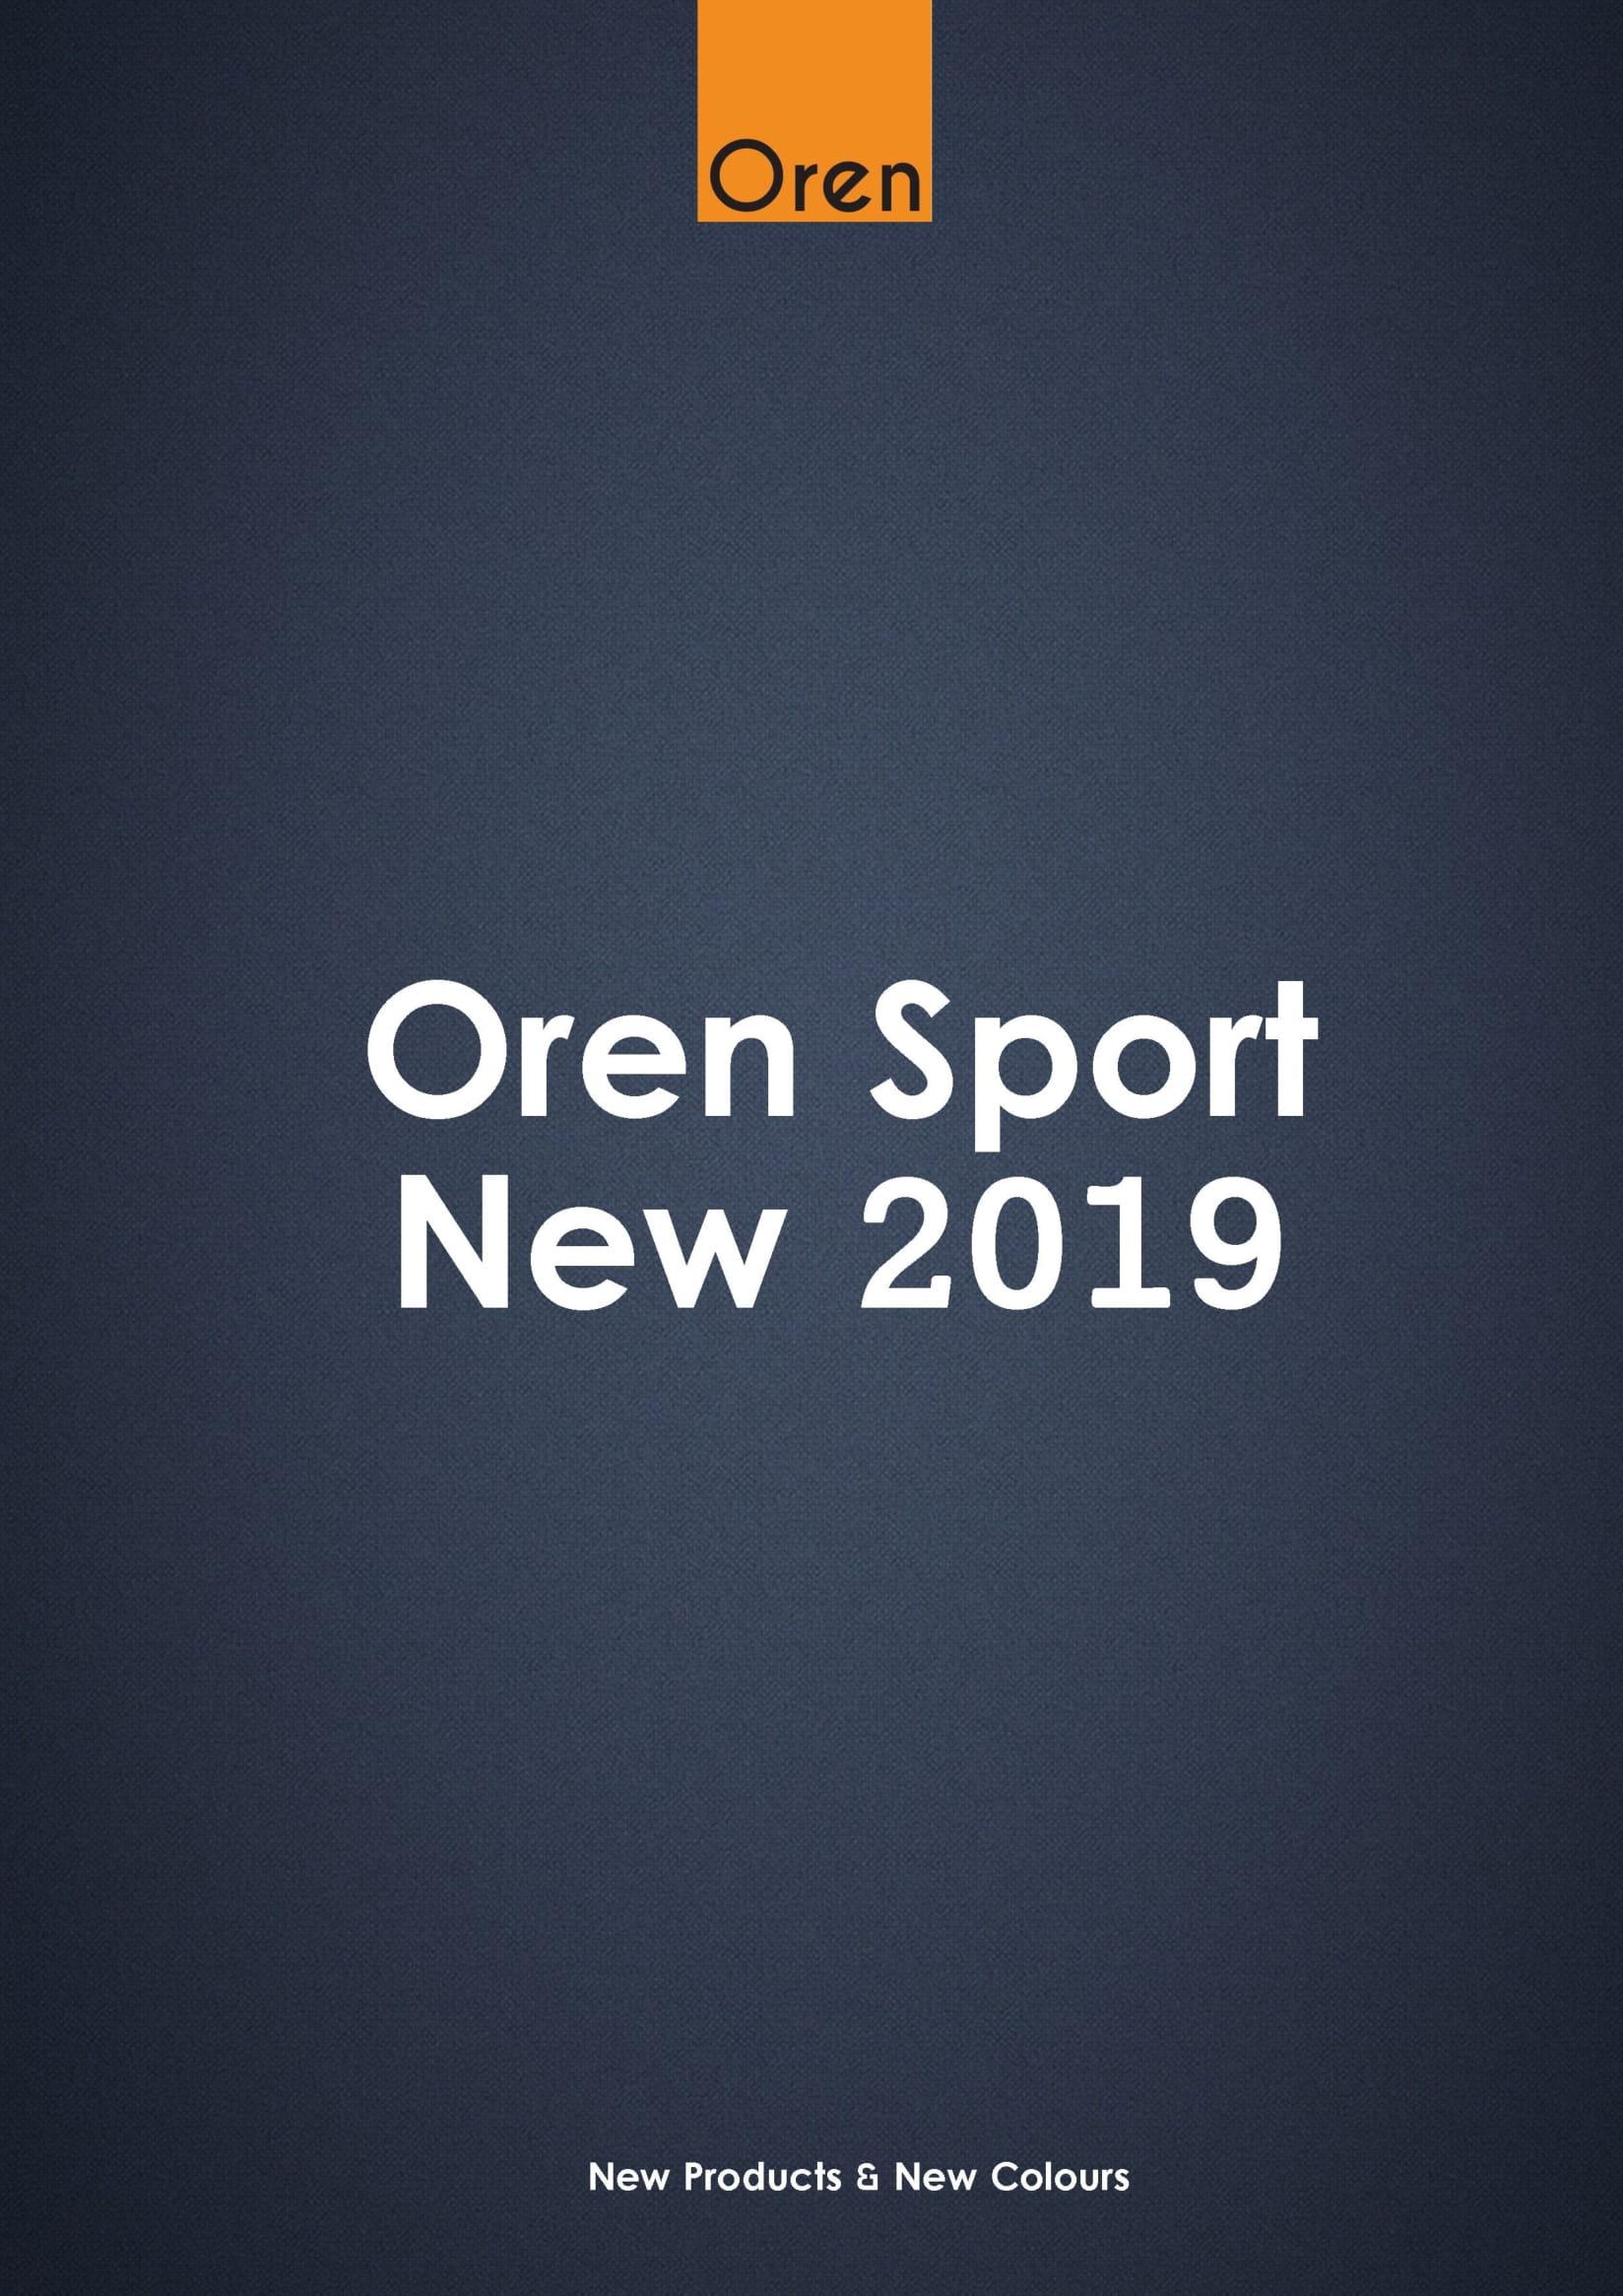 Koleksi Baru OrenSport Kini Di Pasaran 2019